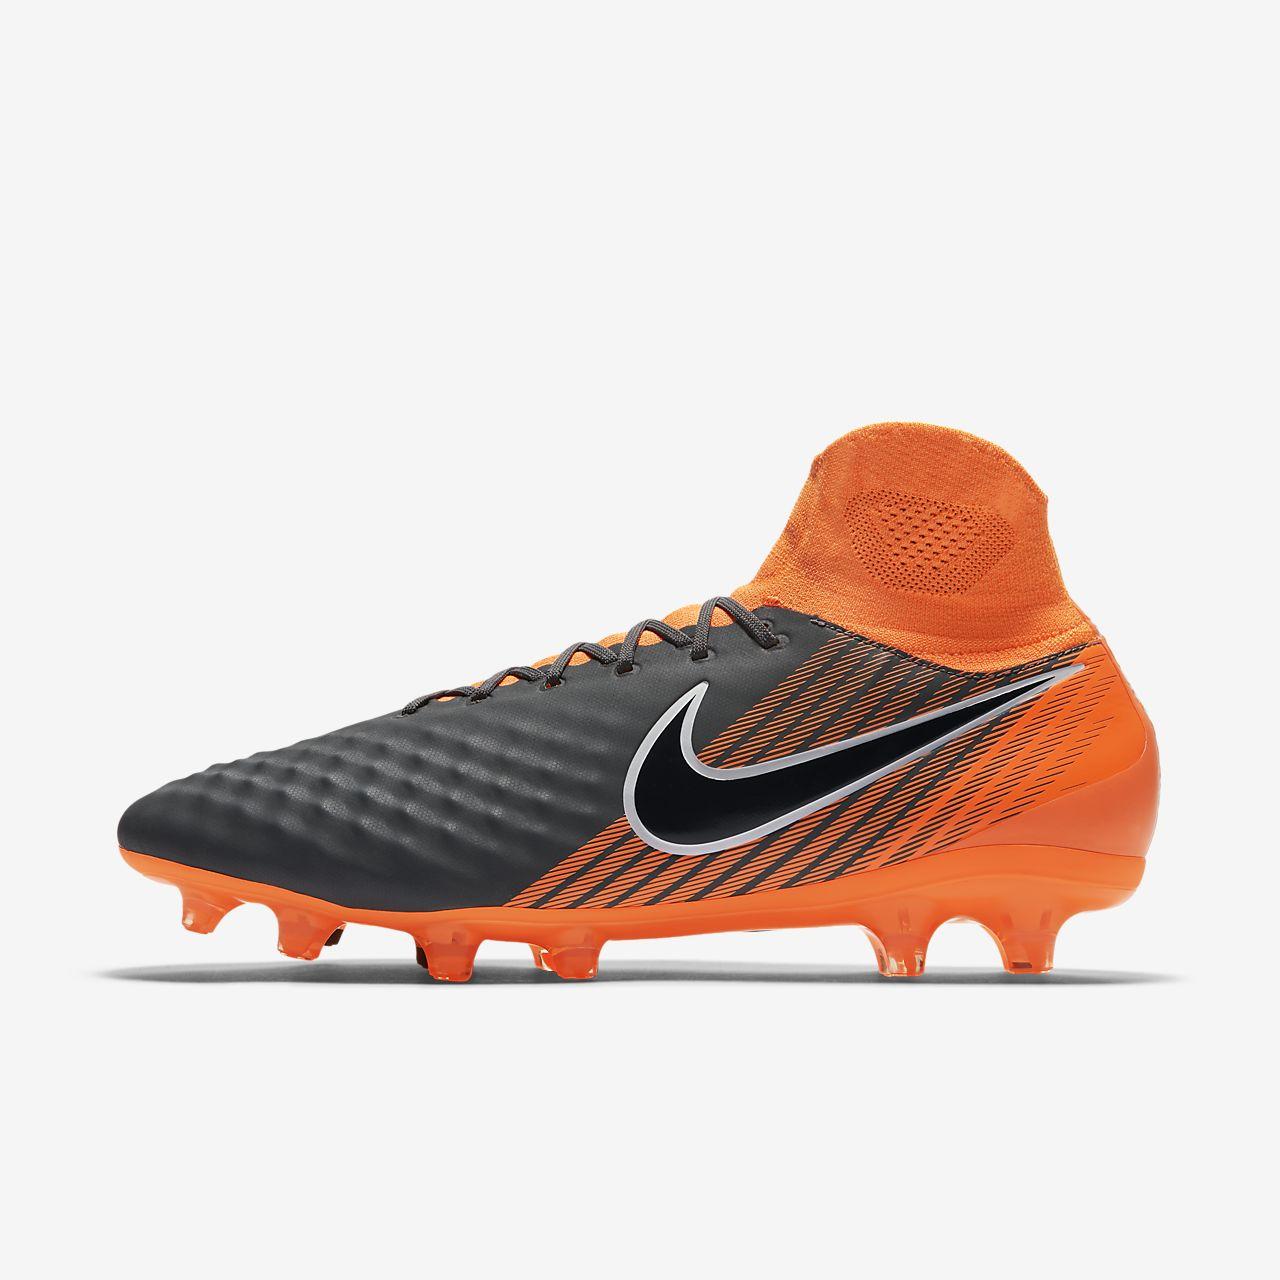 Scarpe Magista Off Case Nike Prezzo Qualsiasi E Acquista 2 Ottieni  y8vNmwOn0P 3e7be129aa8